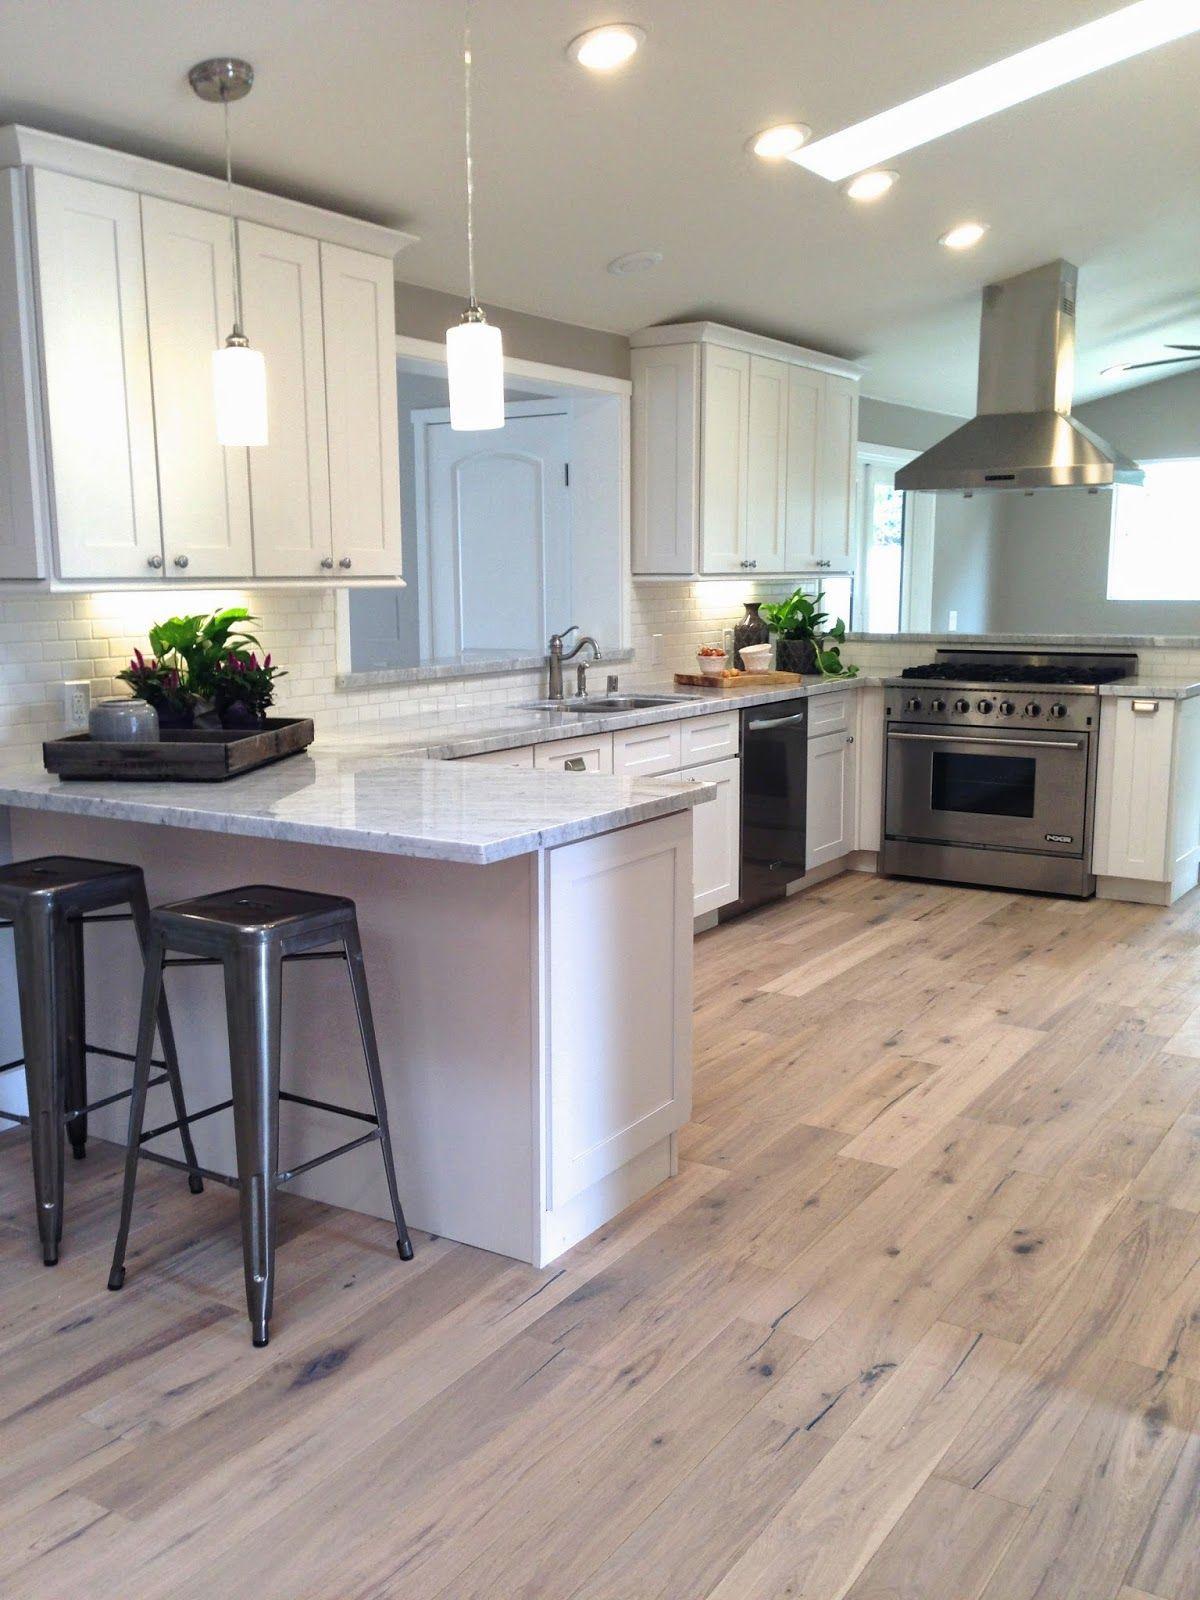 Best Of 2014 Rossmoor House Finished Interior Design Kitchen Kitchen Layout Kitchen Design